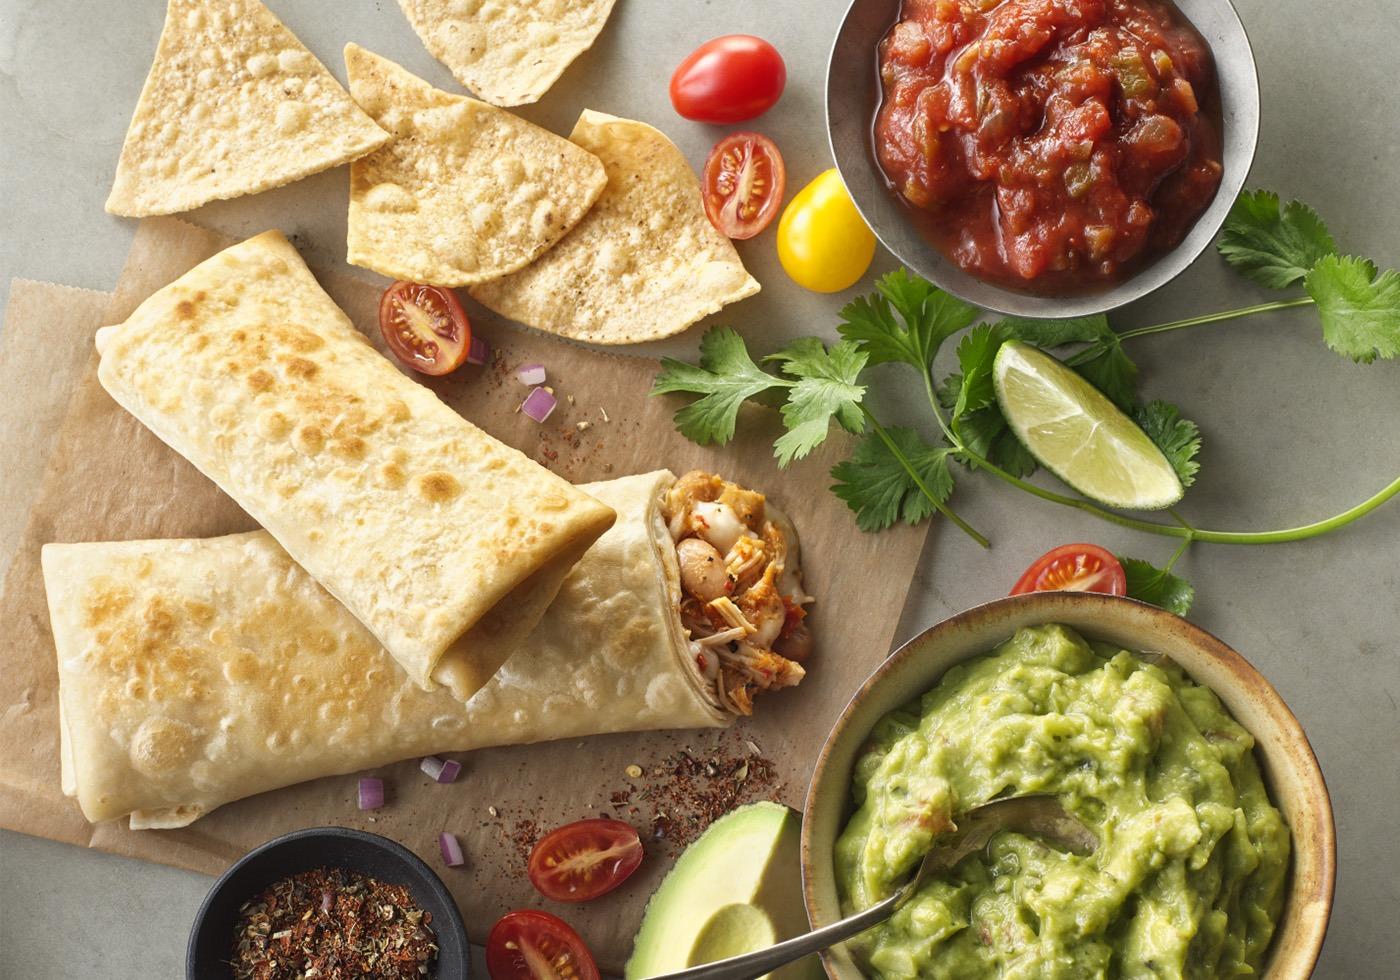 Burrito_with_guacamole_salsa